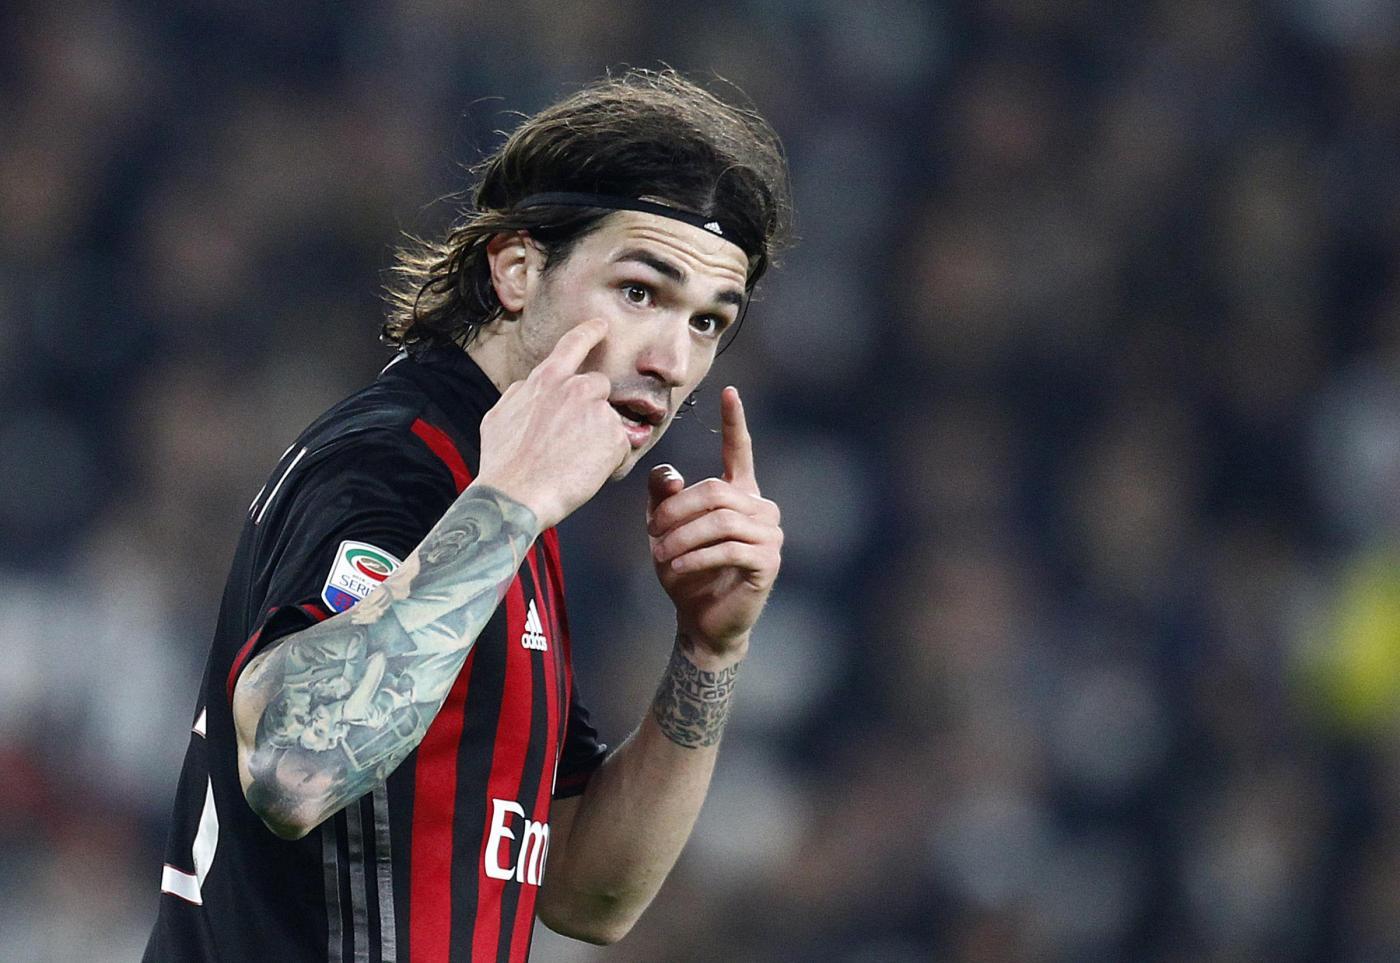 Danni allo Stadium dopo Juventus-Milan, Romagnoli: